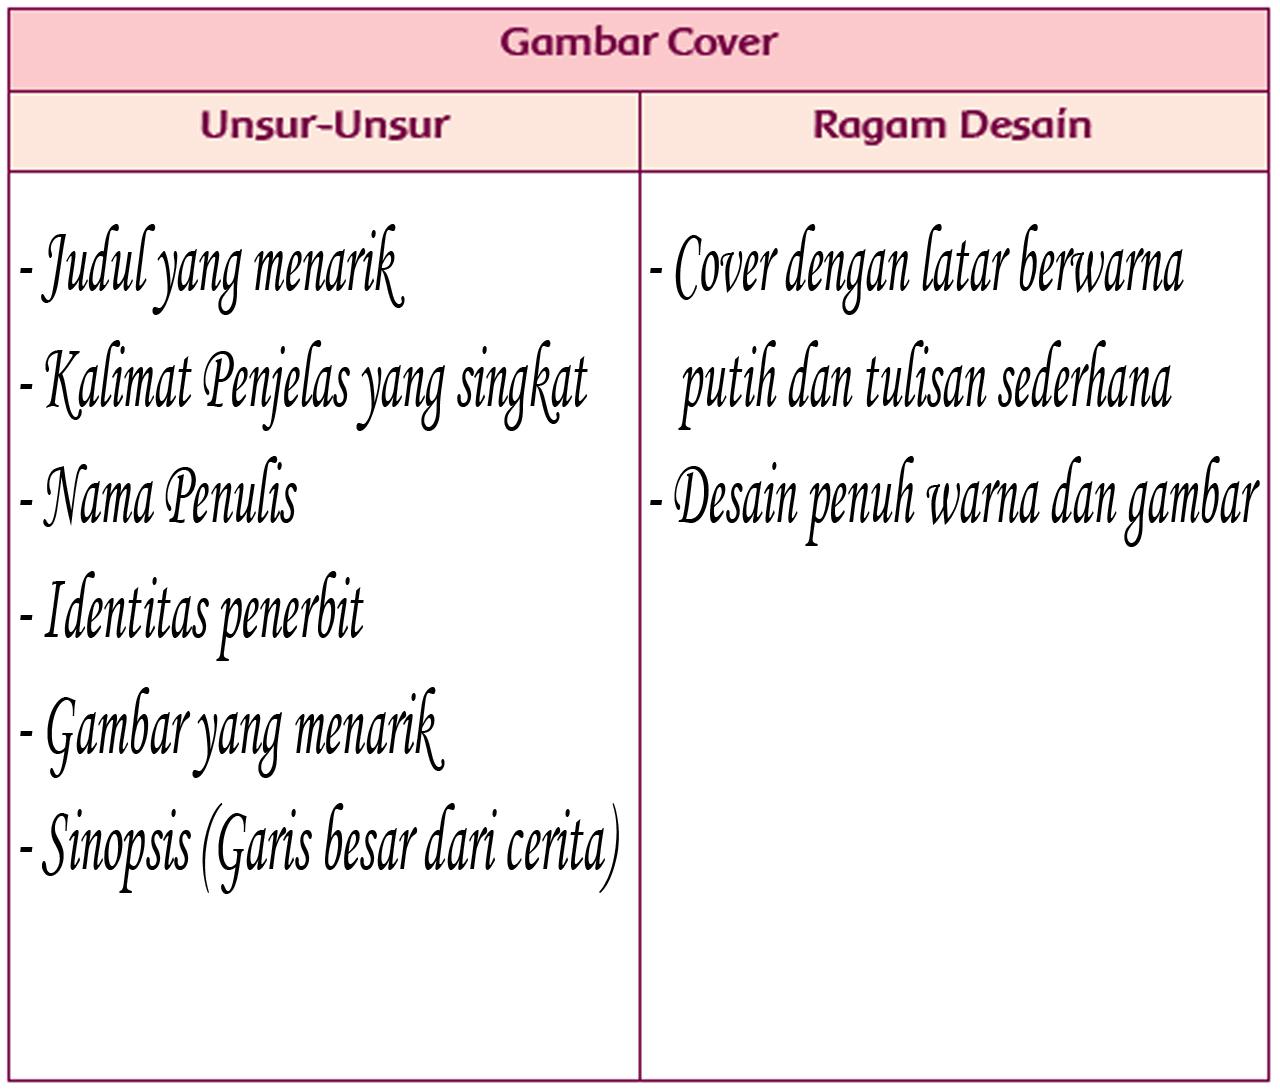 Ragam desain cover